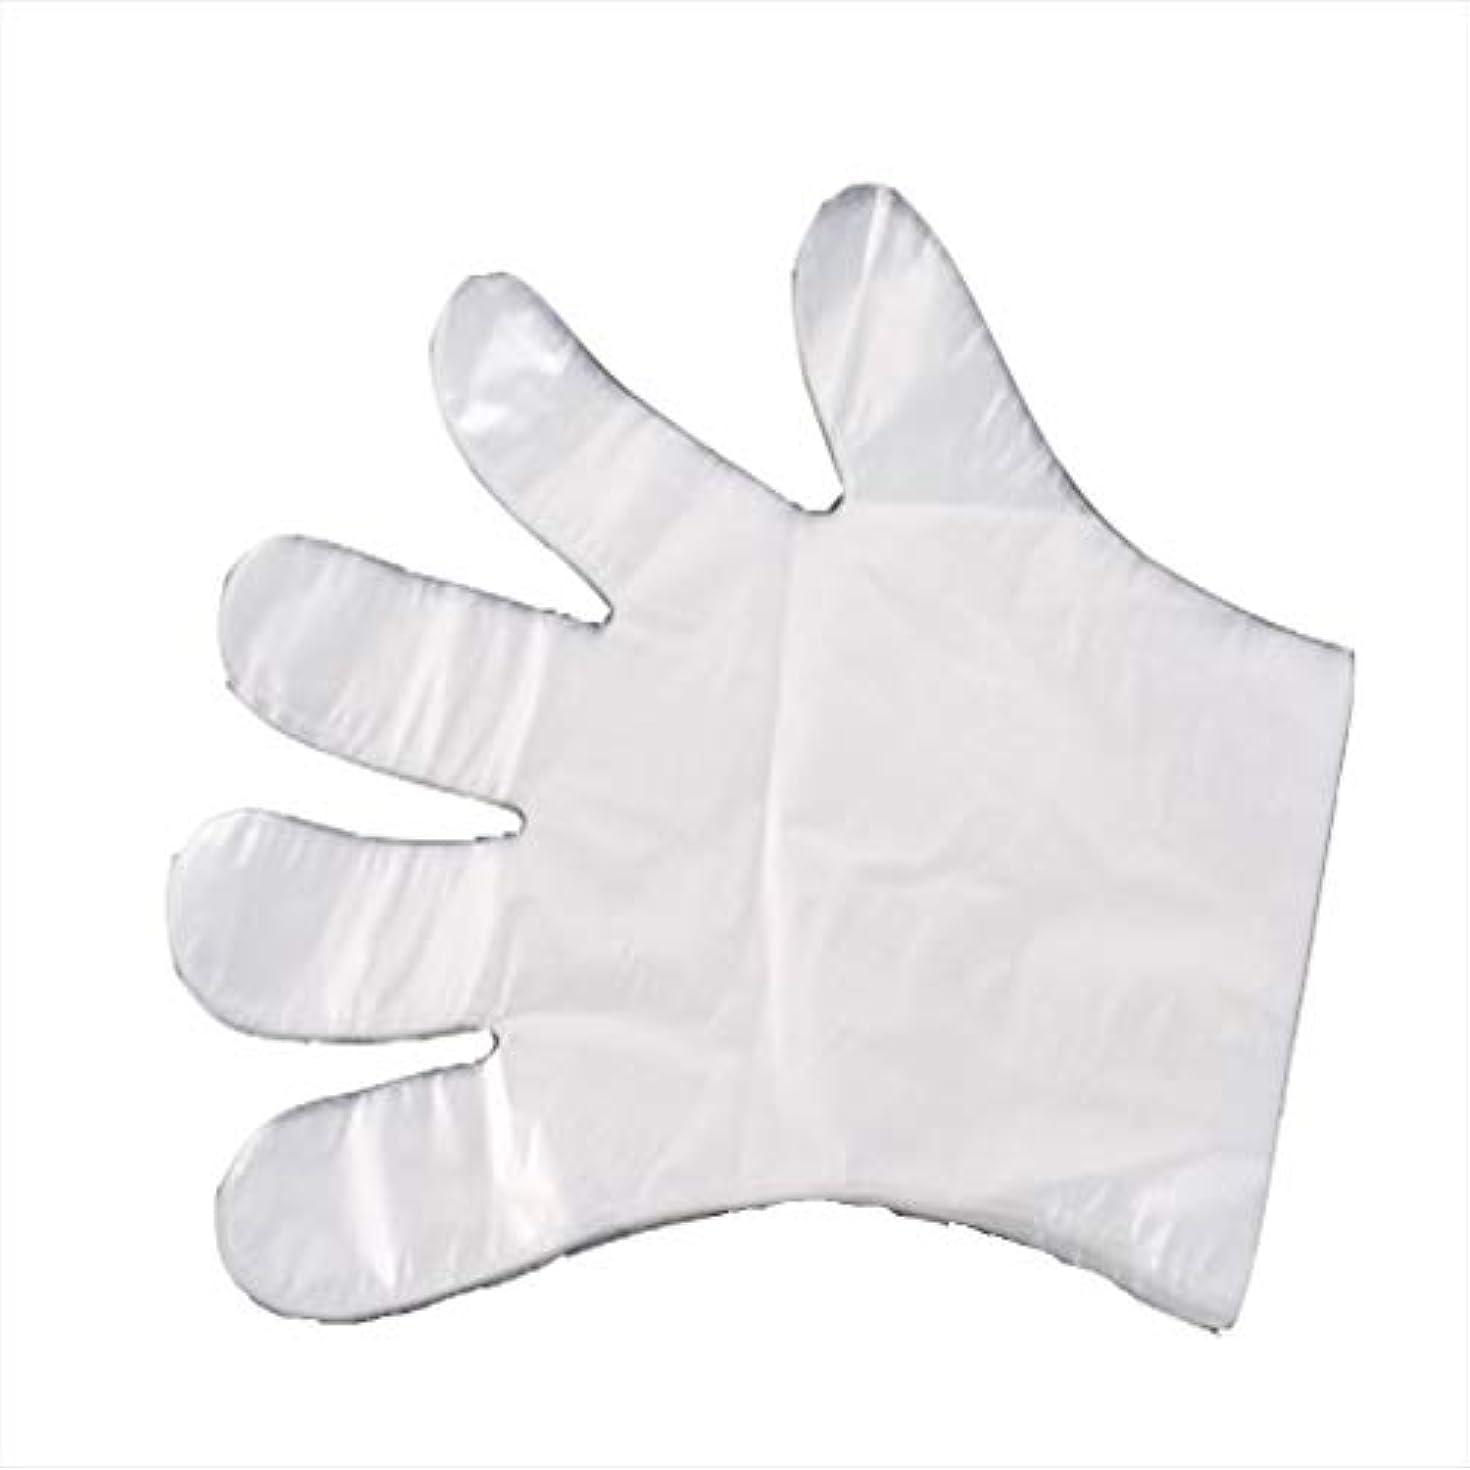 割れ目ぬれた神秘手袋、使い捨て手袋、食事、ヘアケア、肥厚、透明フィルム手袋、肥厚1000。